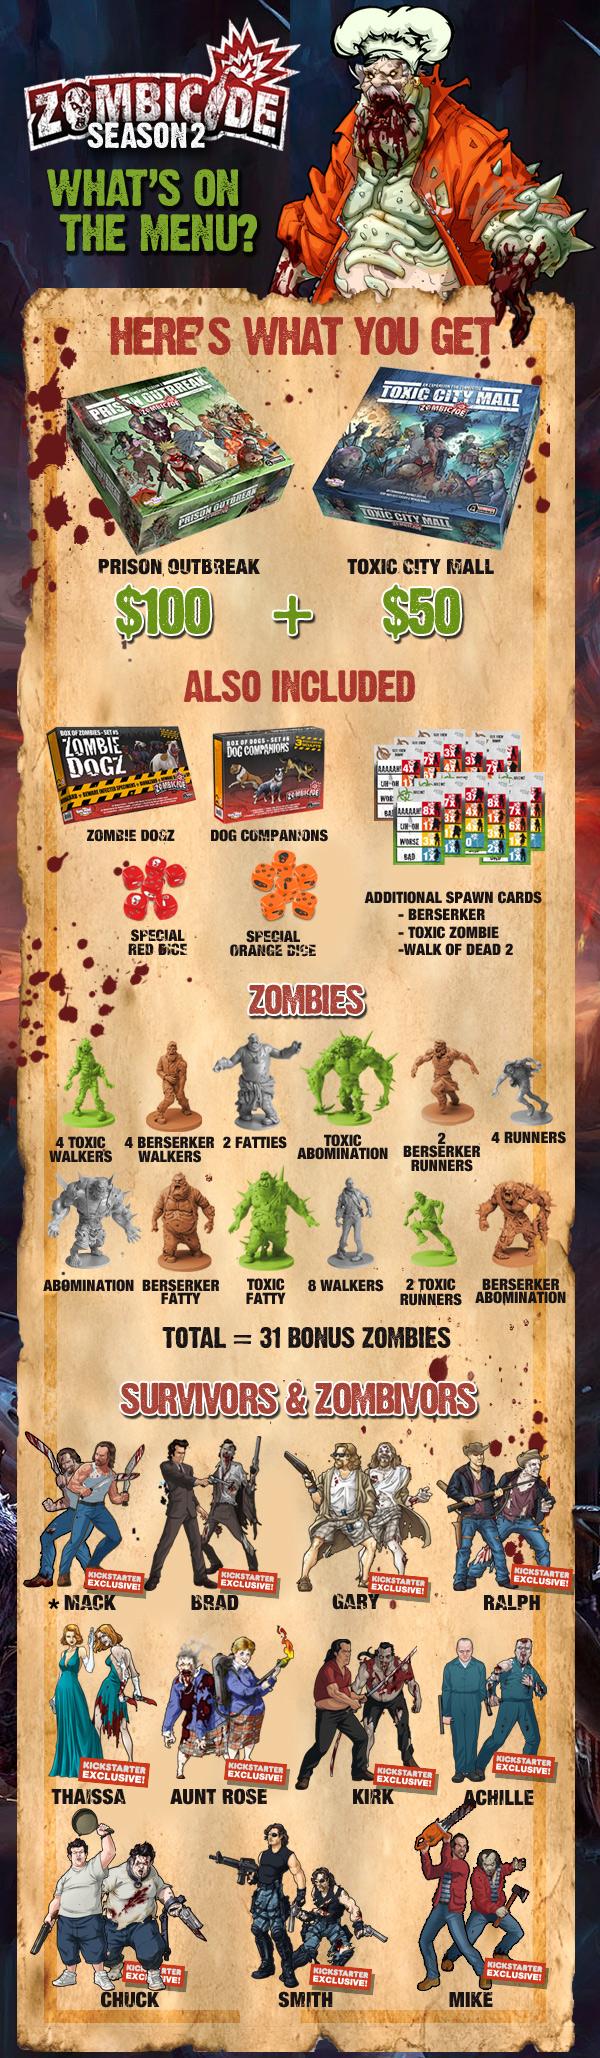 zombicide saison 2, 3 et les chiens OnMenu4